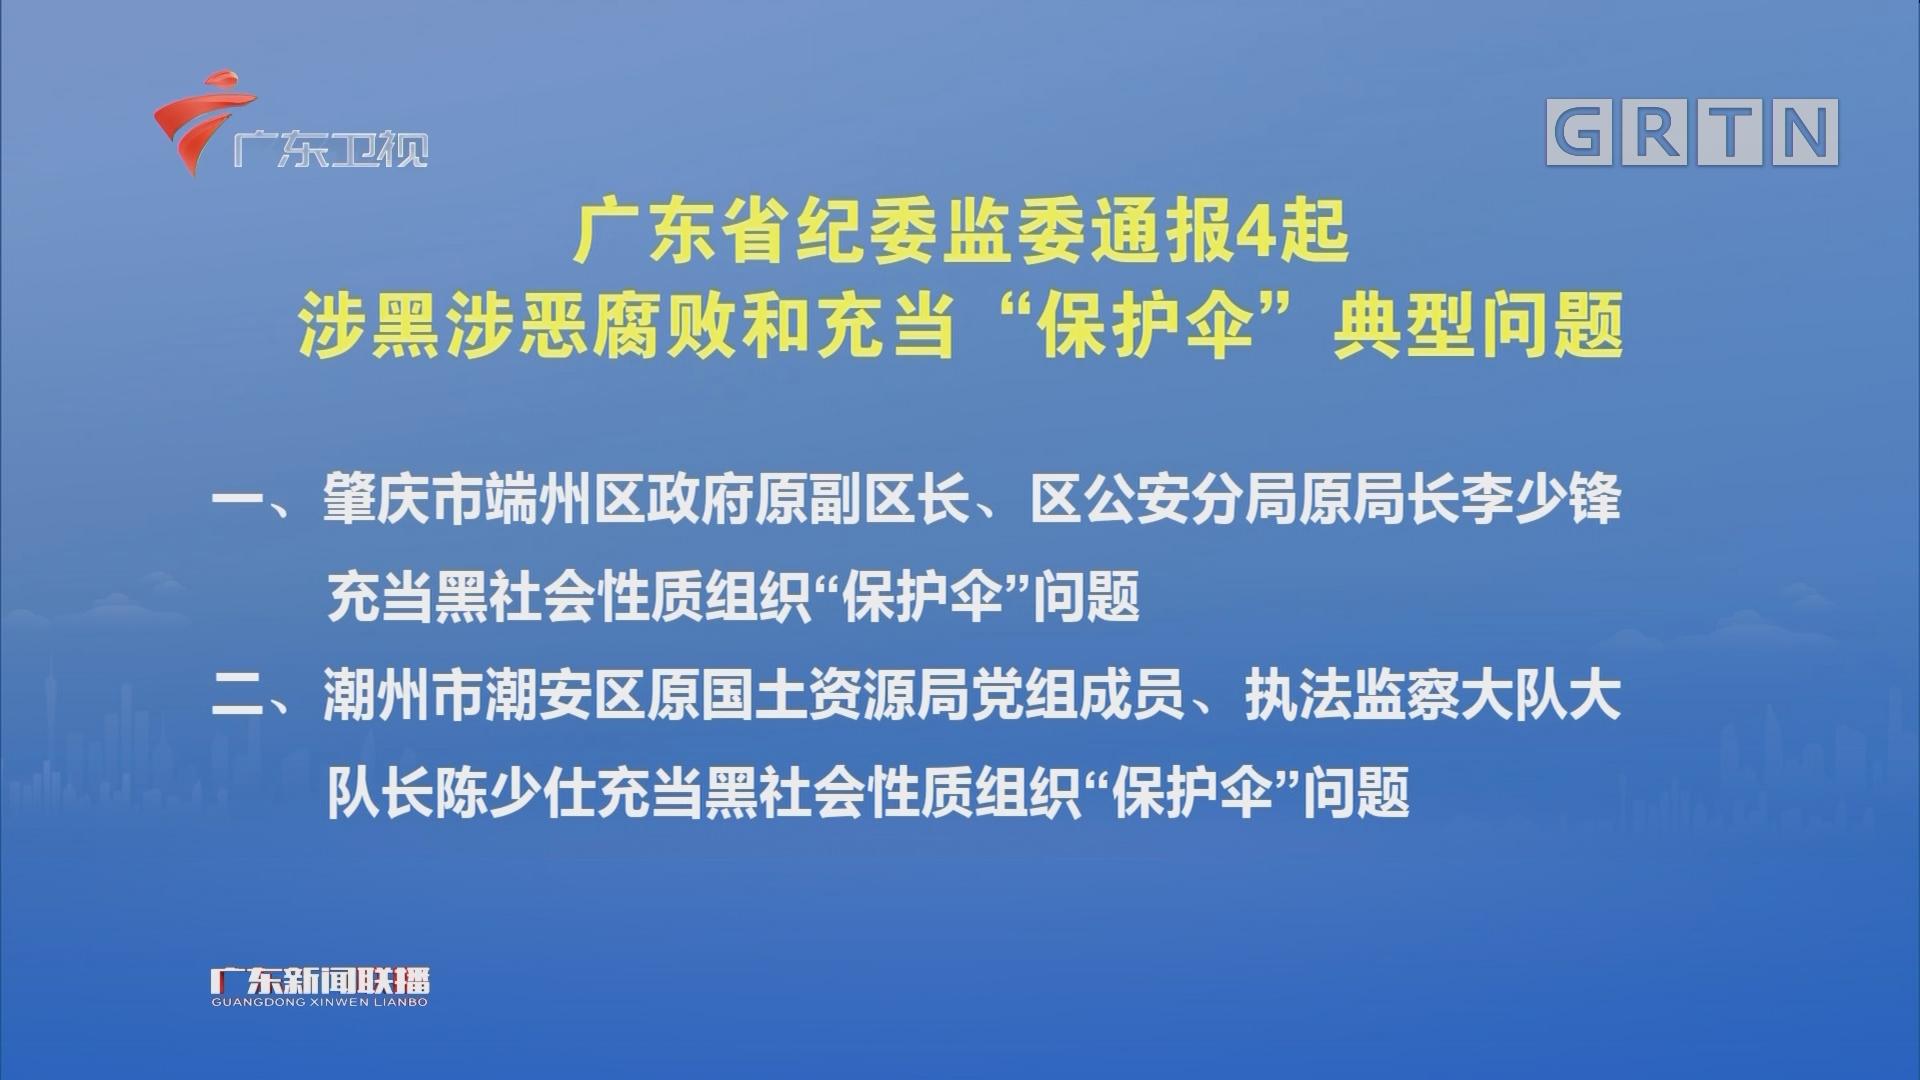 """广东省纪委监委通报4起涉黑涉恶腐败的充当""""保护伞""""典型问题"""